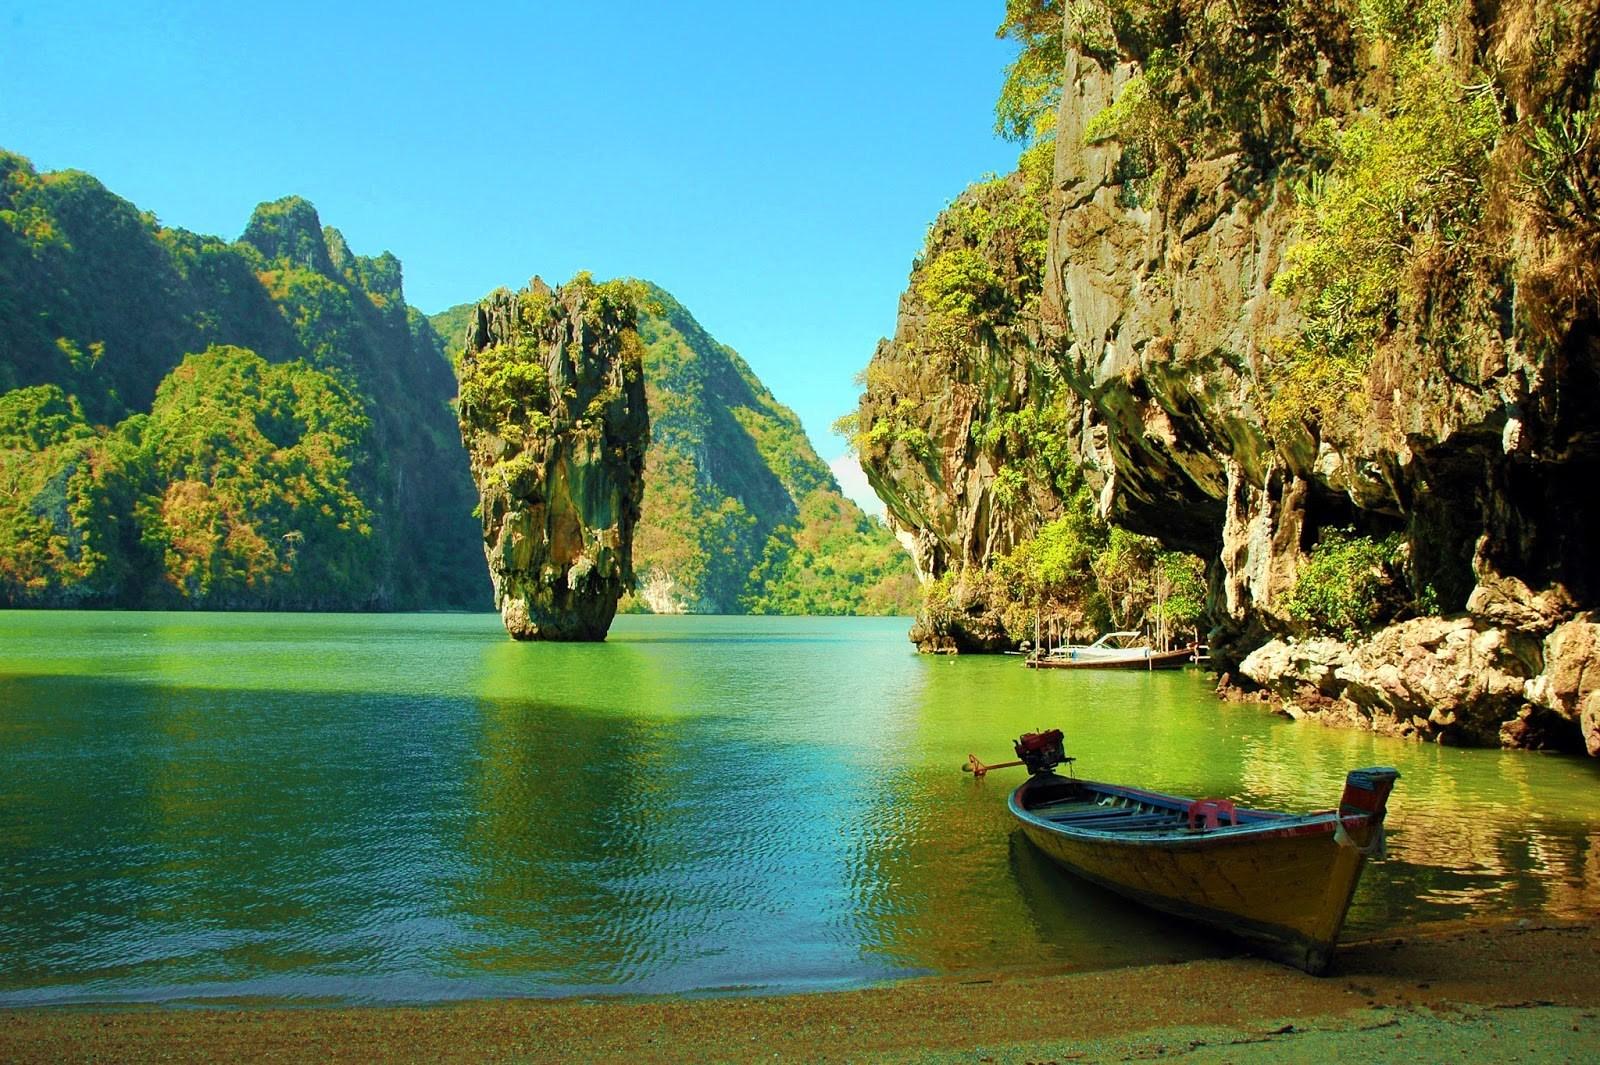 افضل جزر تايلاند لمحبي الاستجمام (2)